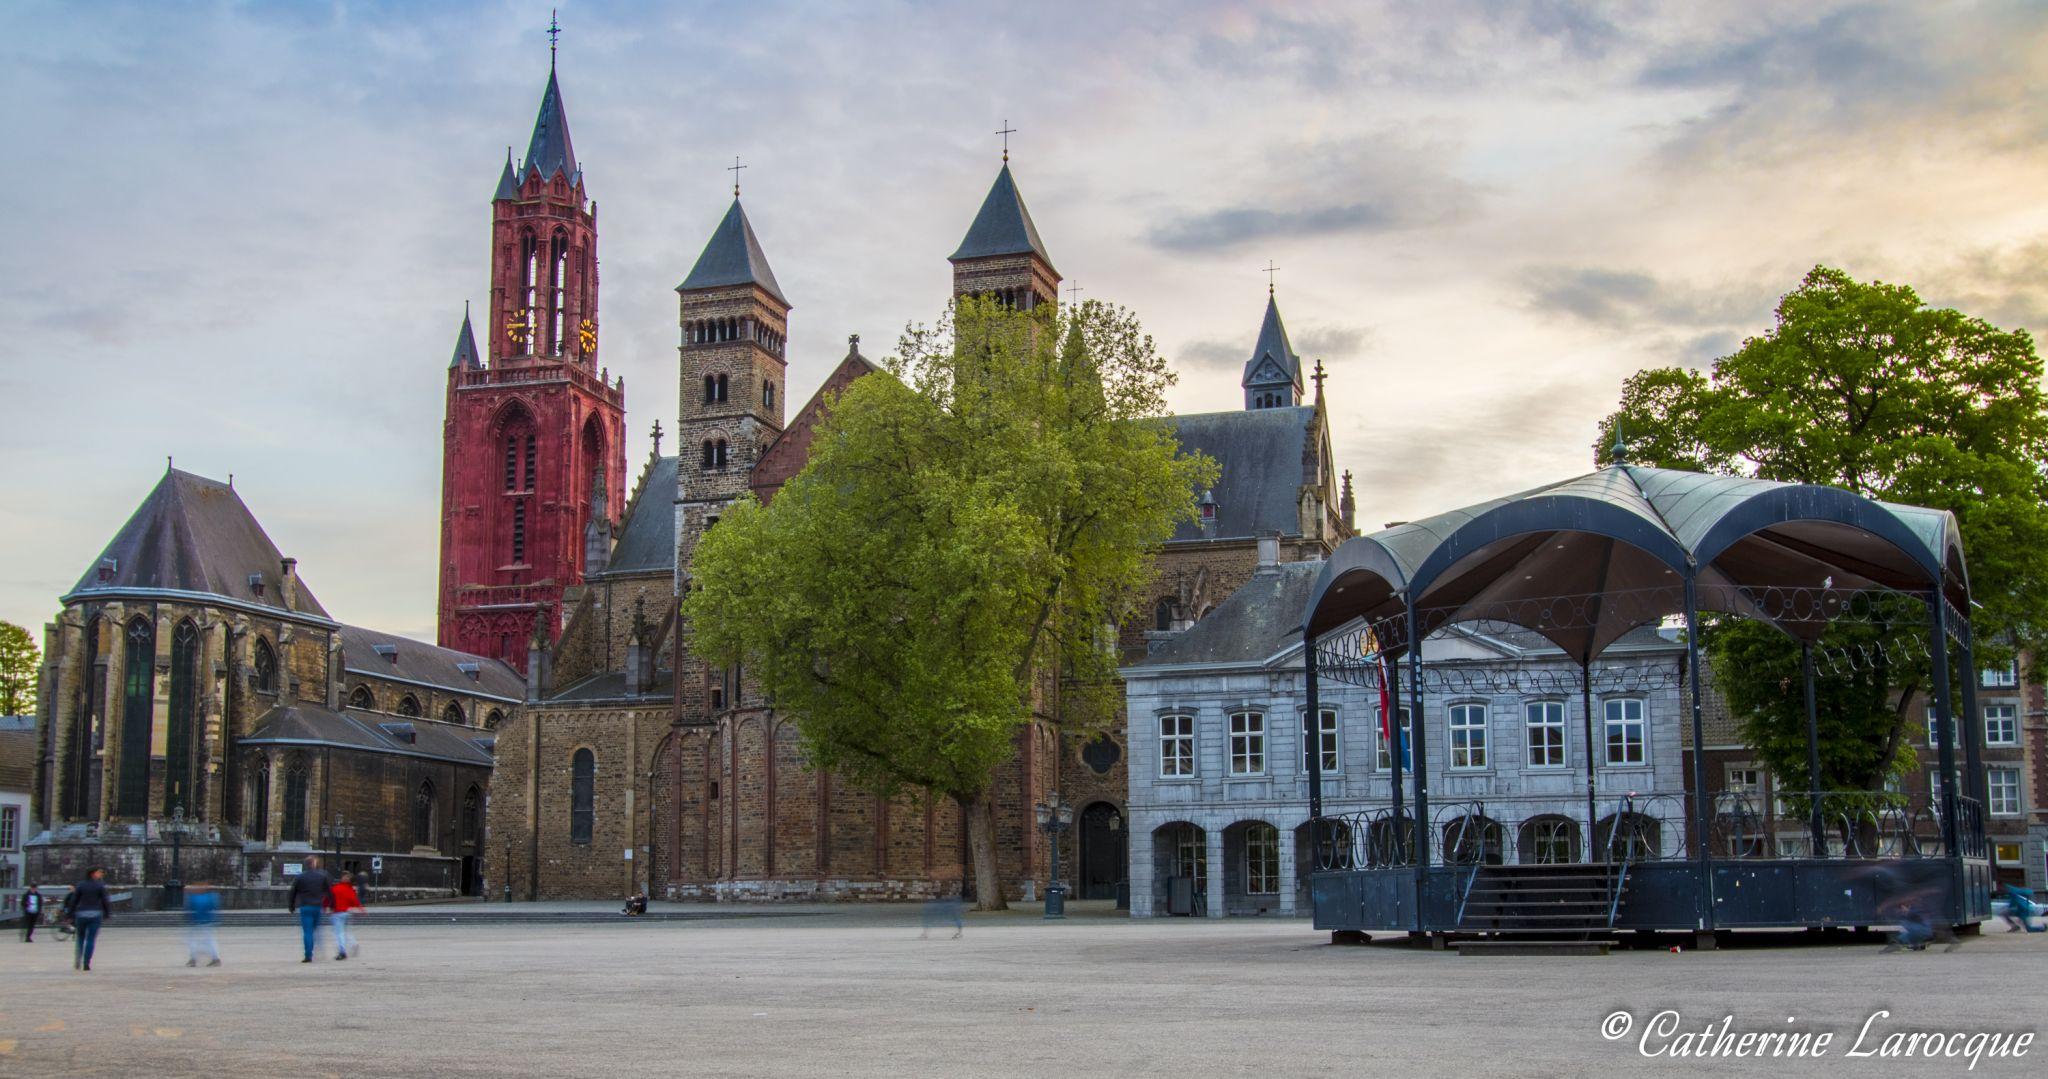 Vrijthof Square, Netherlands